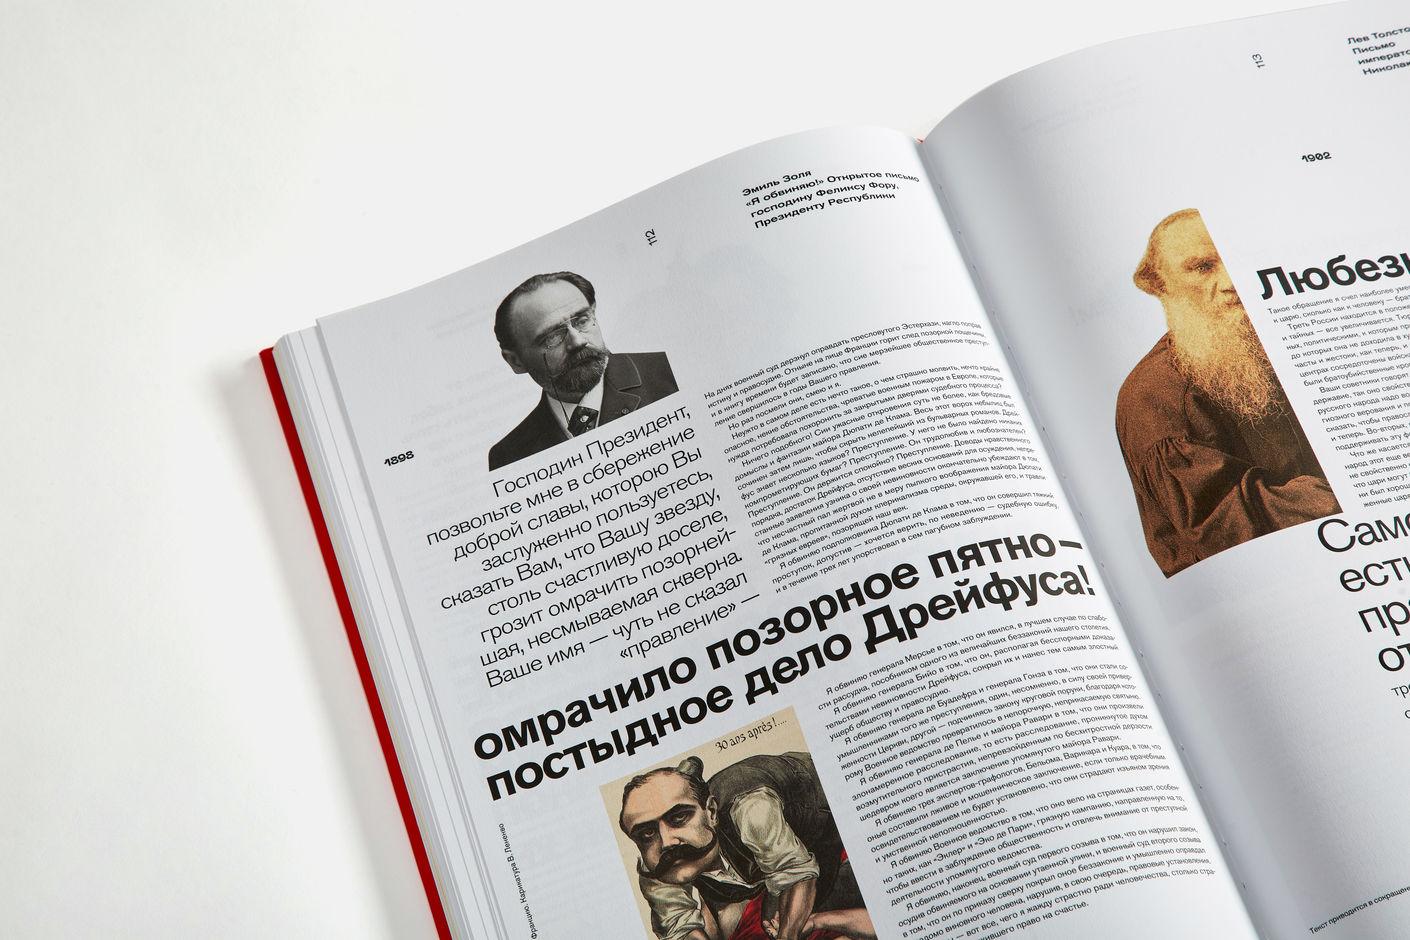 Подарочная книга Внимание, пропаганда, 2019, Агей Томеш, Лаборатория дизайна НИУ ВШЭ